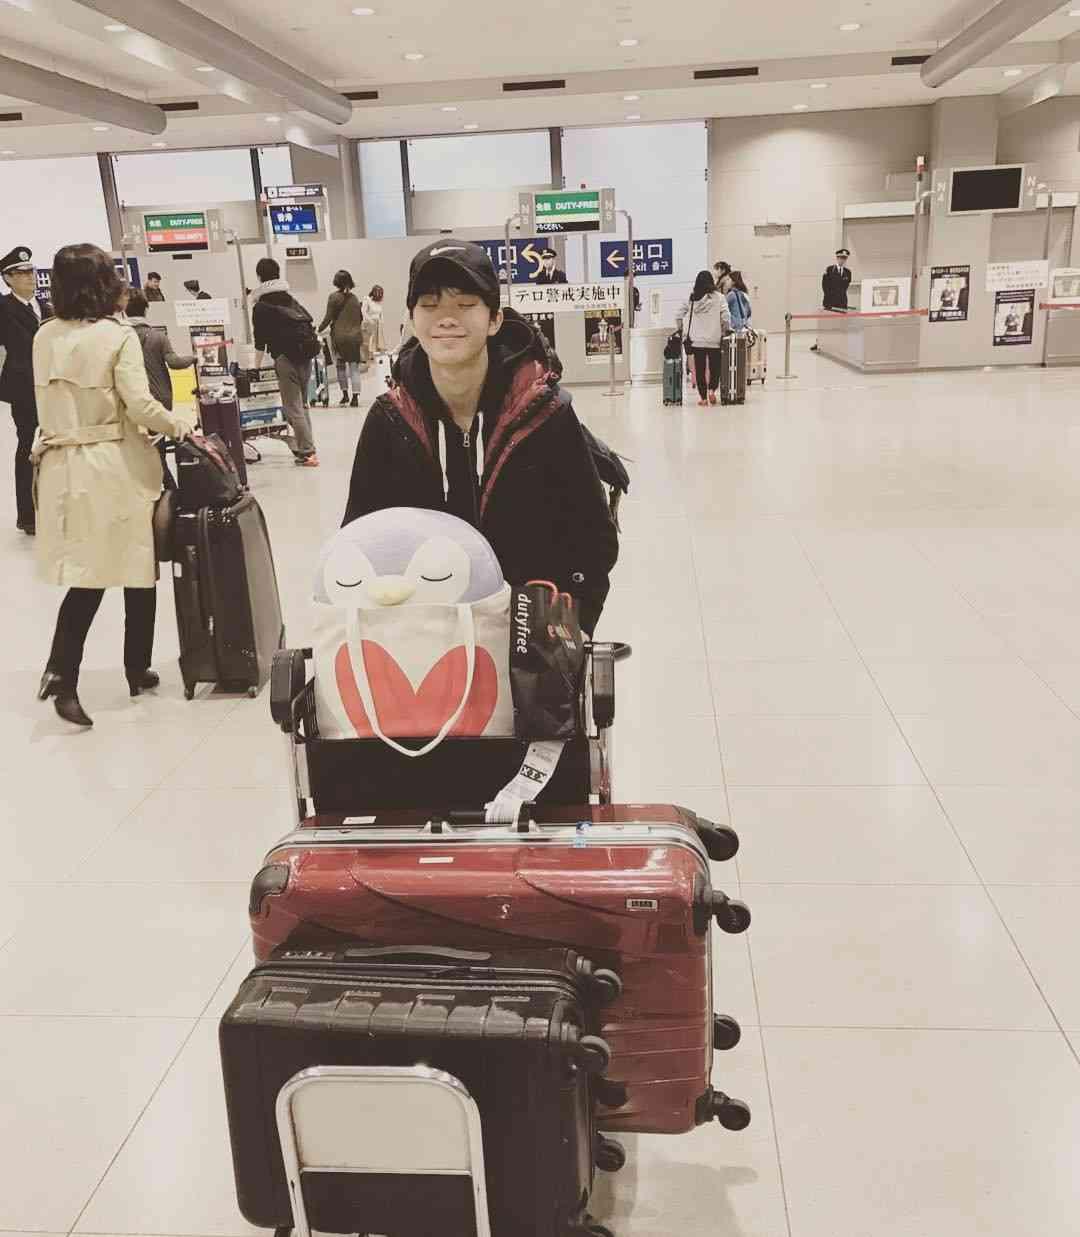 【実況・感想】世界フィギュアスケート選手権2018 男子フリー